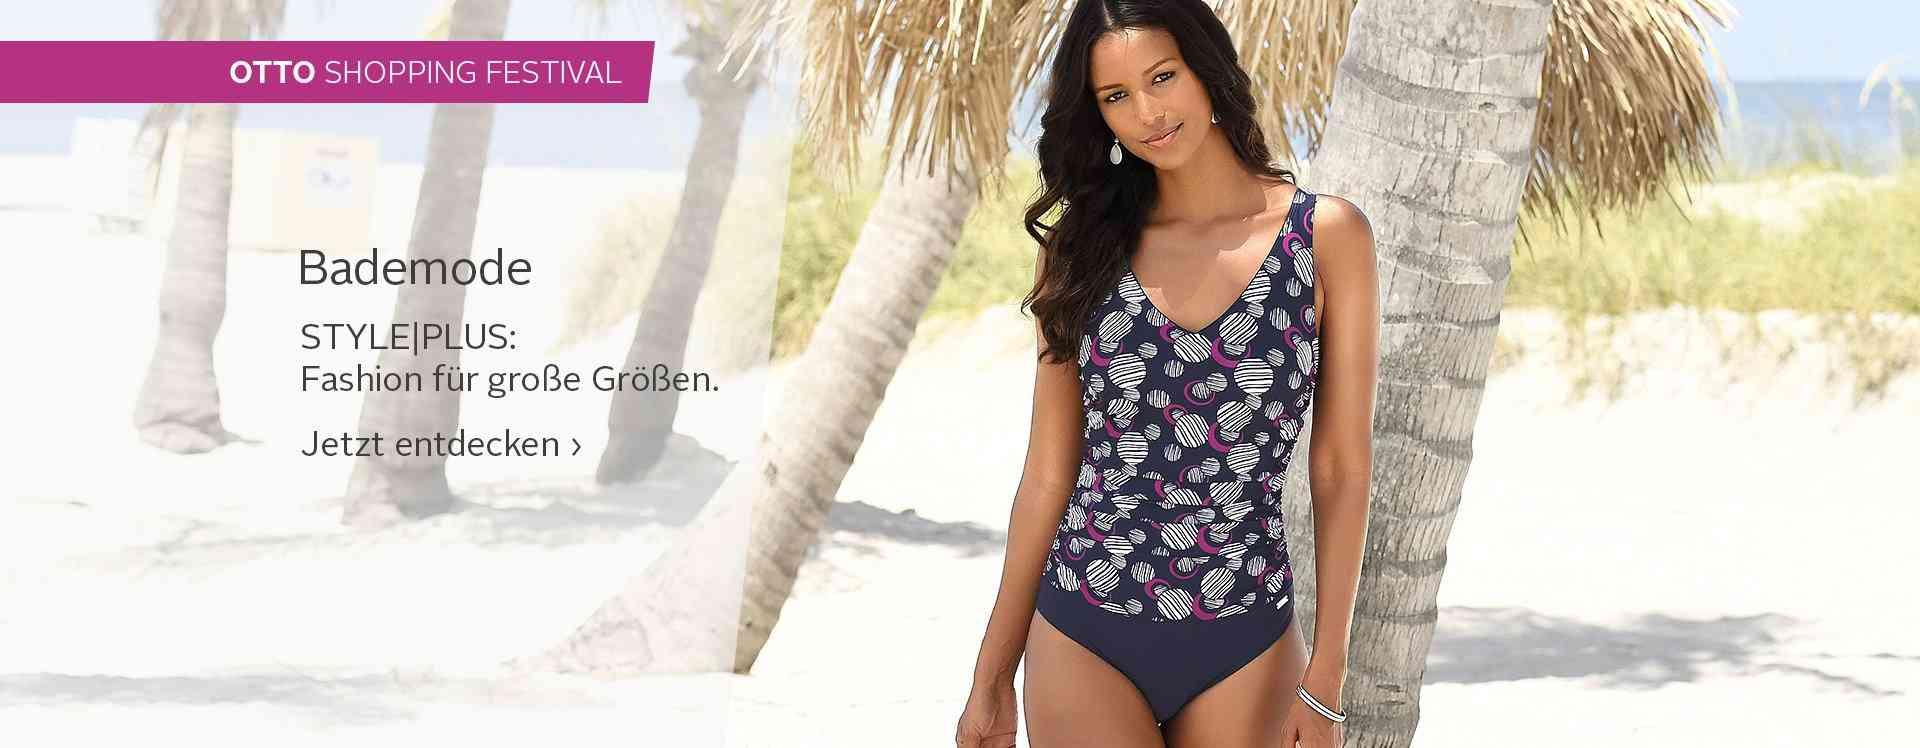 OTTO präsentiert Bademode in großen Größen: Bikinis, Tankinis, Badeanzüge und vieles mehr!